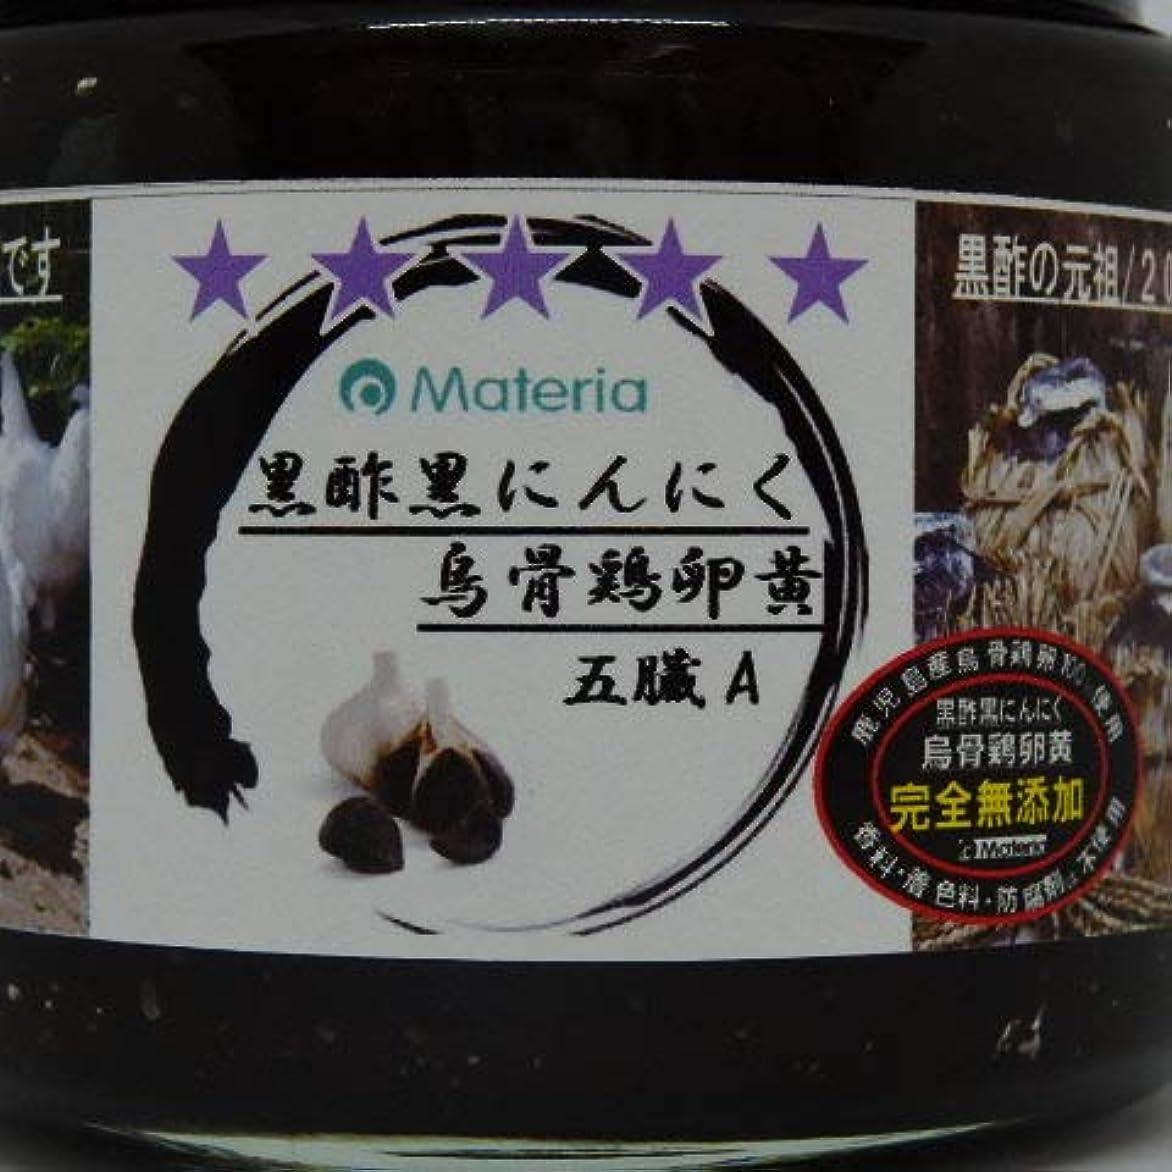 ケント桁インテリア無添加健康食品/黒酢黒にんにく烏骨鶏卵黄/五臓系ペ-スト早溶150g(1月分)¥11,600